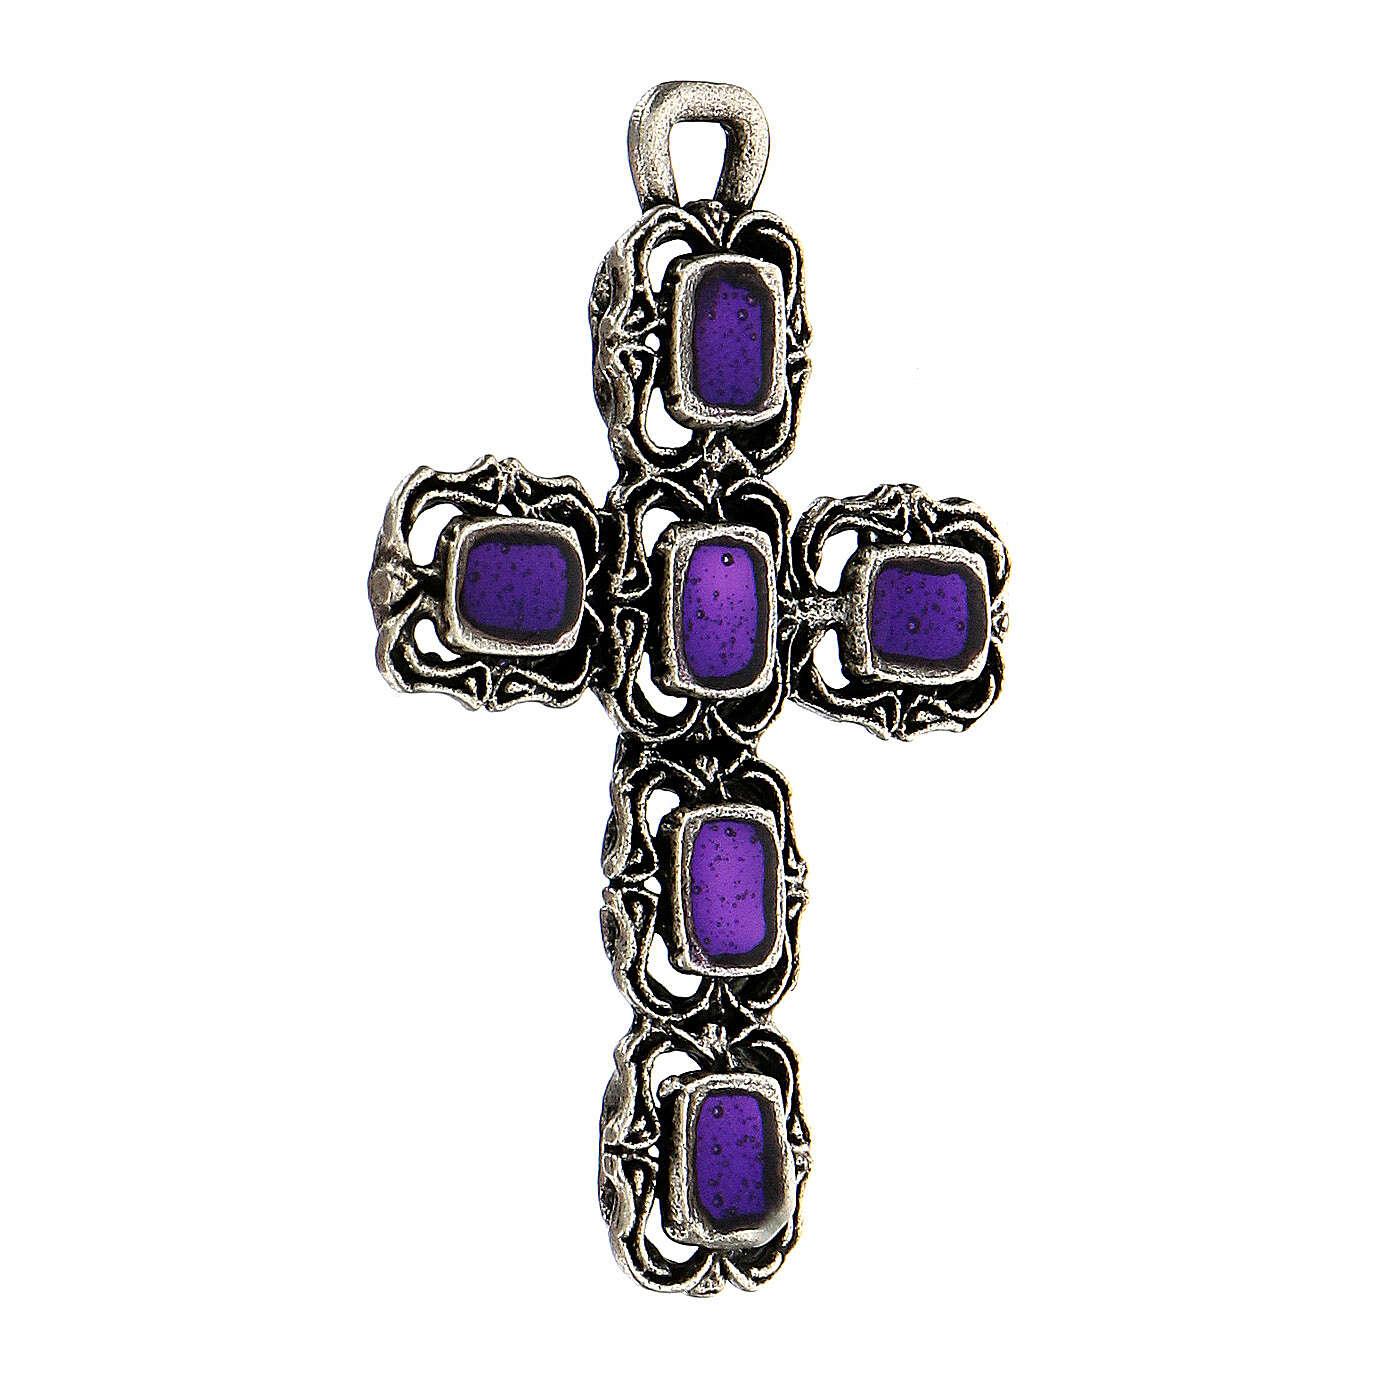 Croce cattedrale argento antico e smalto viola 4